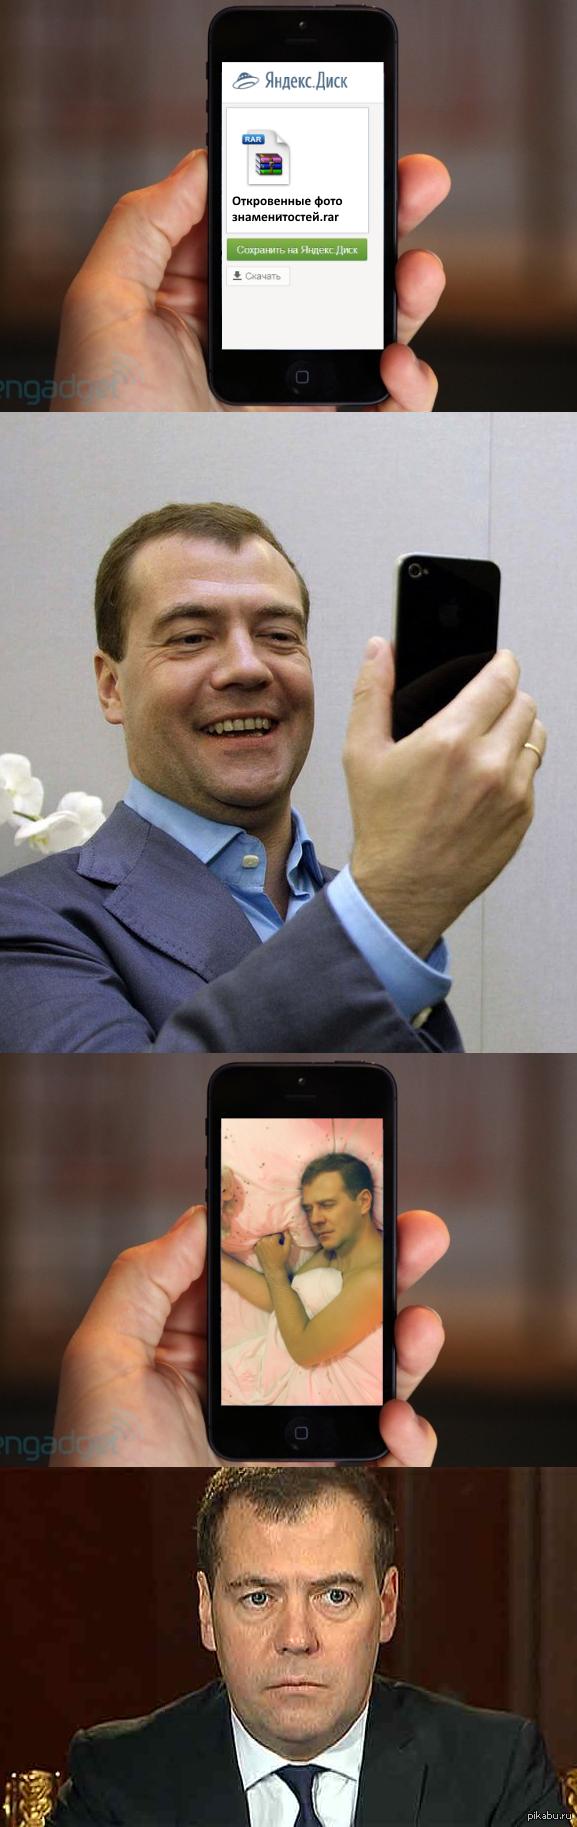 Ввиду последний событий   iCloud, взлом, откровенные фото, знаменитости, apple, Медведев, Дмитрий Медведев